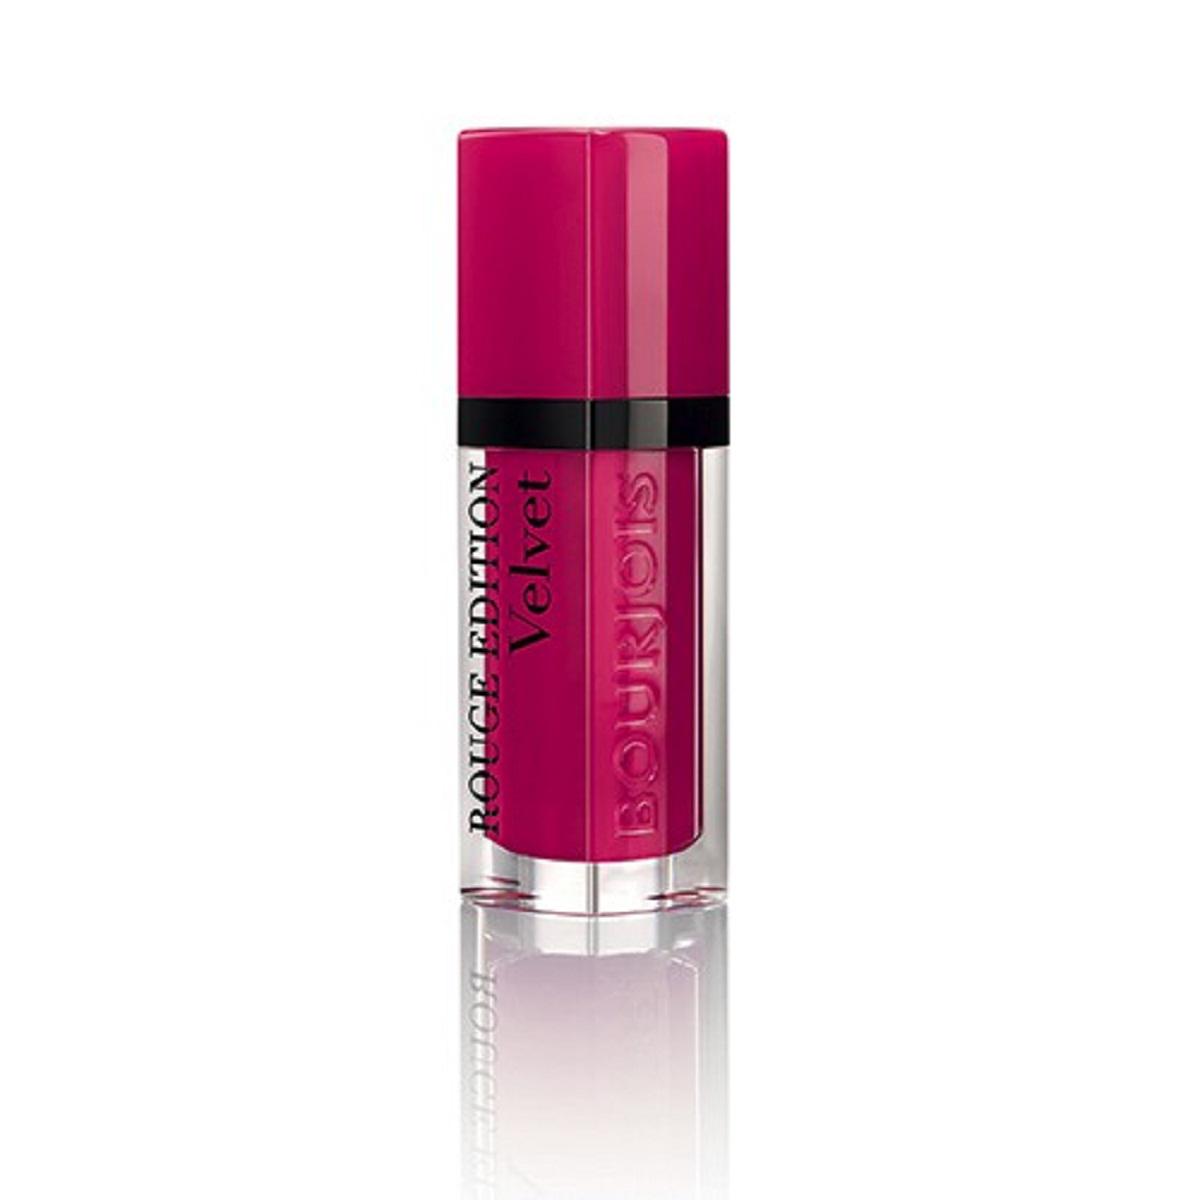 Bourjois Rouge Edition Velvet Бархатный флюид для губ тон 05 6,7 мл29101273005Бархатная воздушная текстура не ощущается на губах Матовая текстура долго держится на губах и имеет насыщенный цвет благодаря чистому пигменту